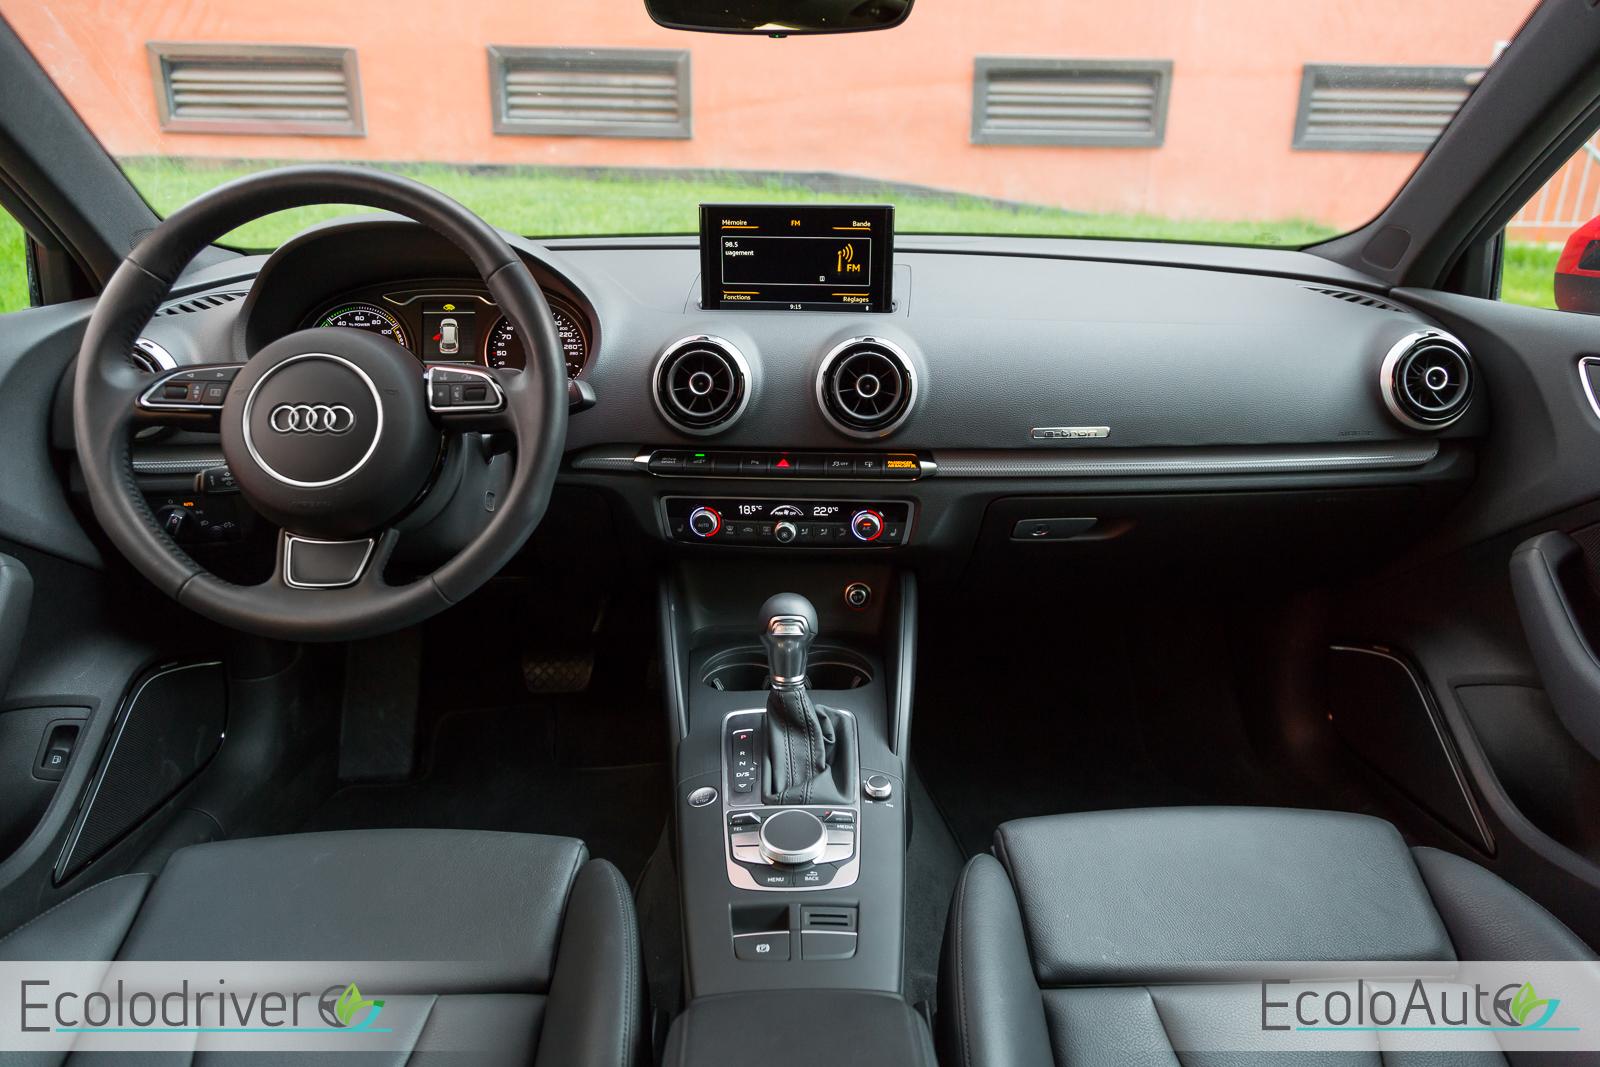 Audi_A3_e-tron_2106-42